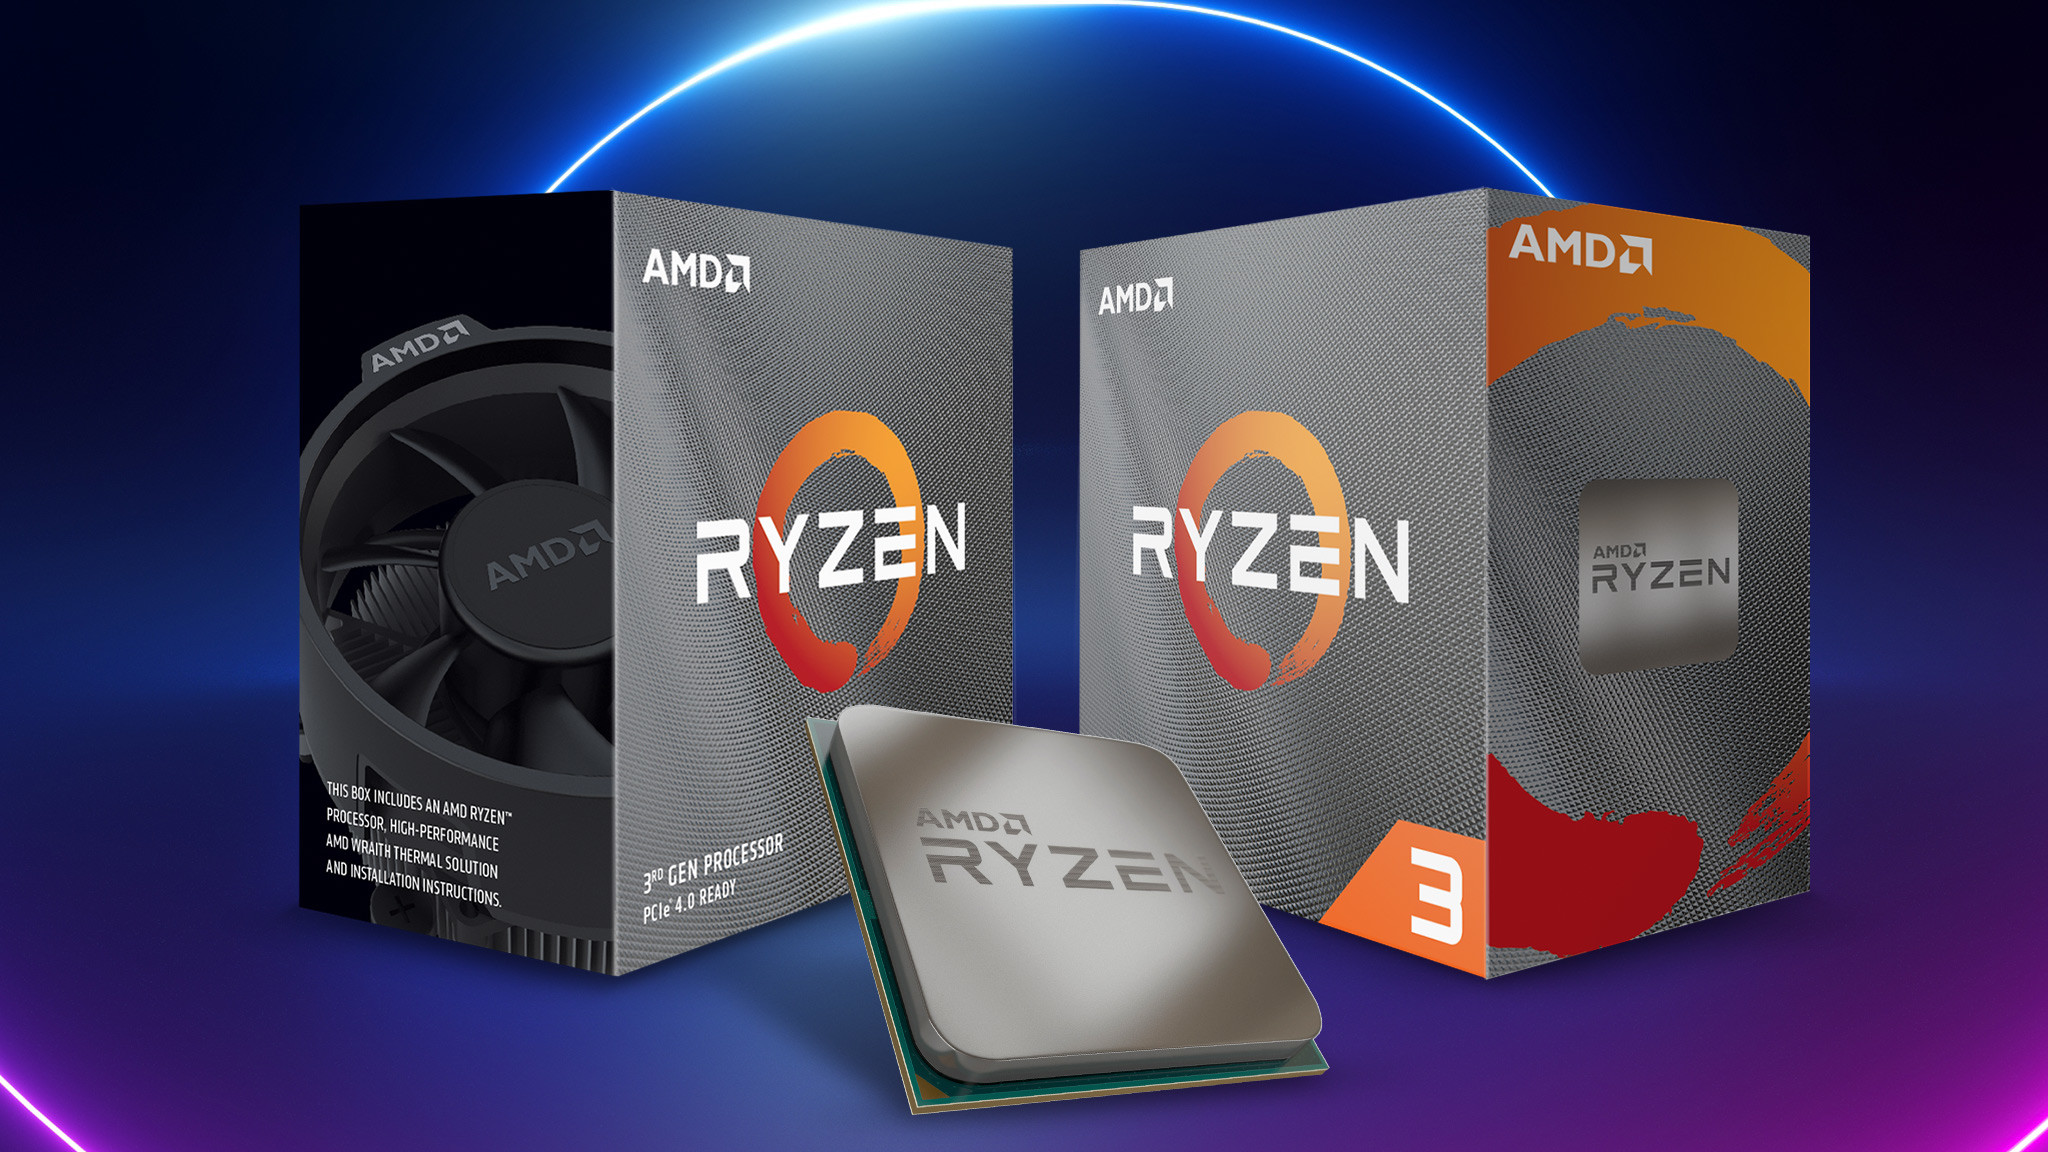 Test: AMD Ryzen 3 3300X und Ryzen 3 3100©iStock.com/wacomka, AMD